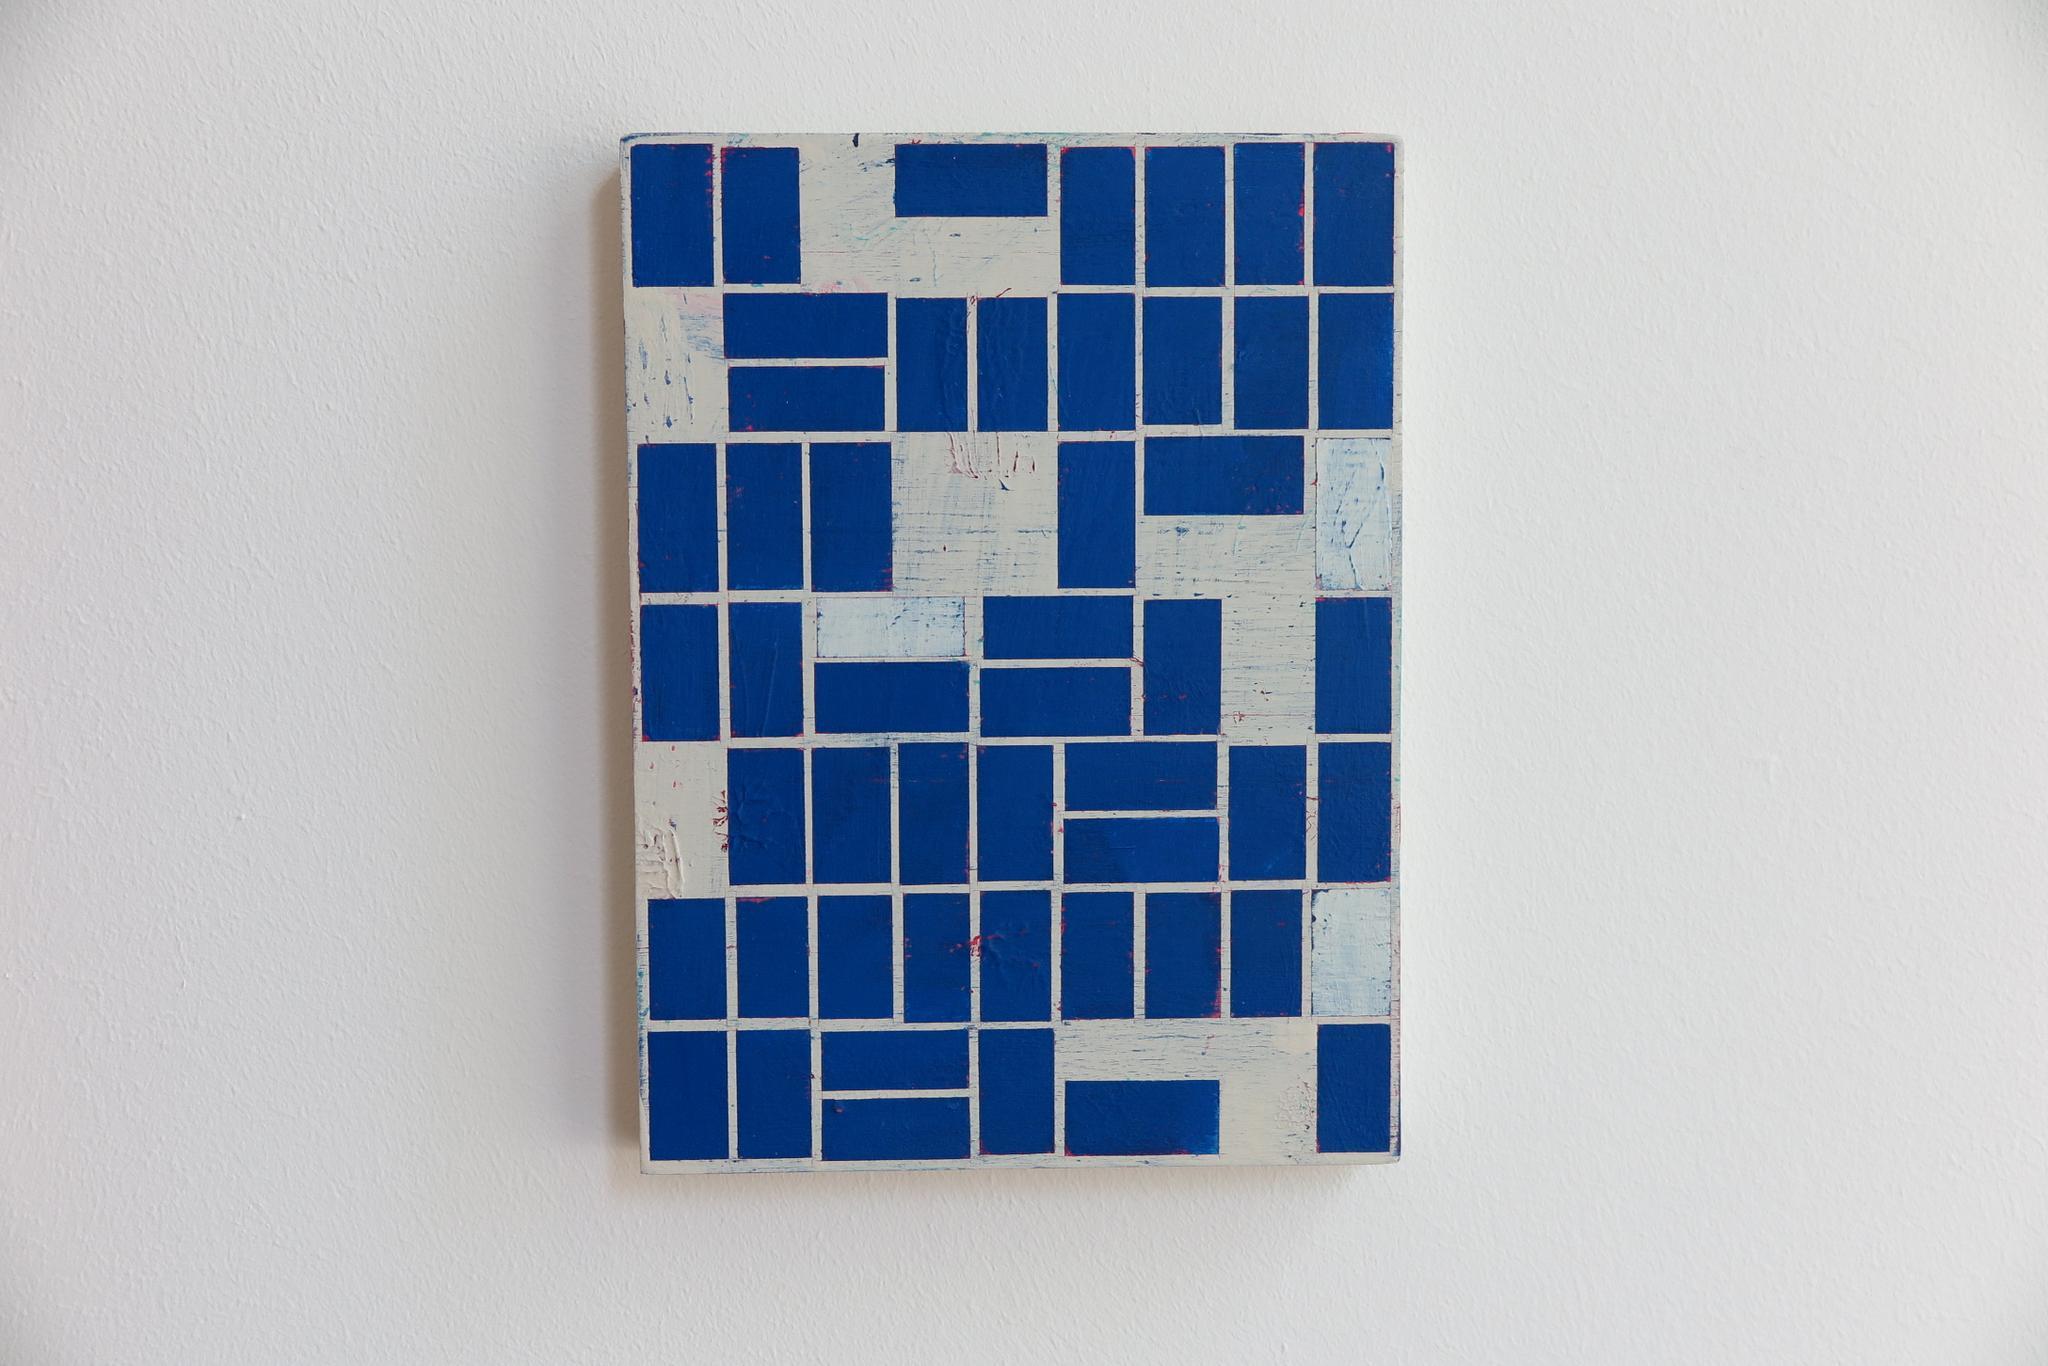 alain-biltereyst_nieuw-amsterdams-peil-2018_galerie-ellen-de-bruijne-projects_1460